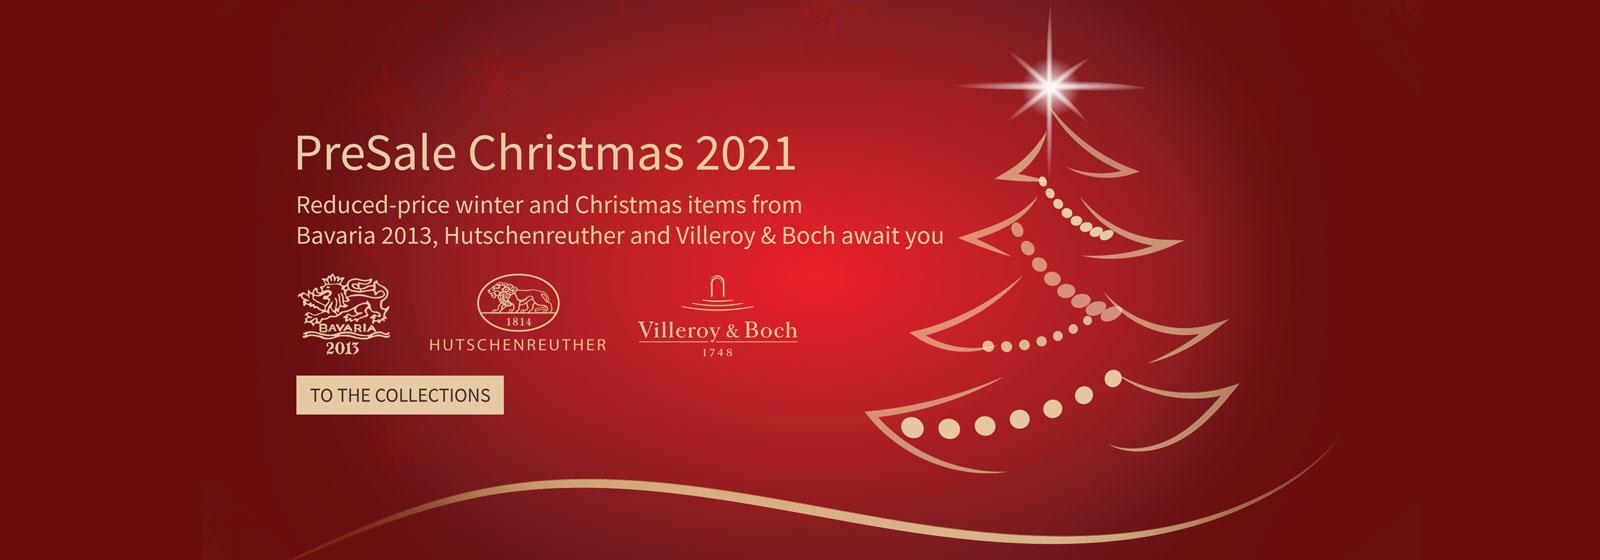 PreSale Weihnachten 2021